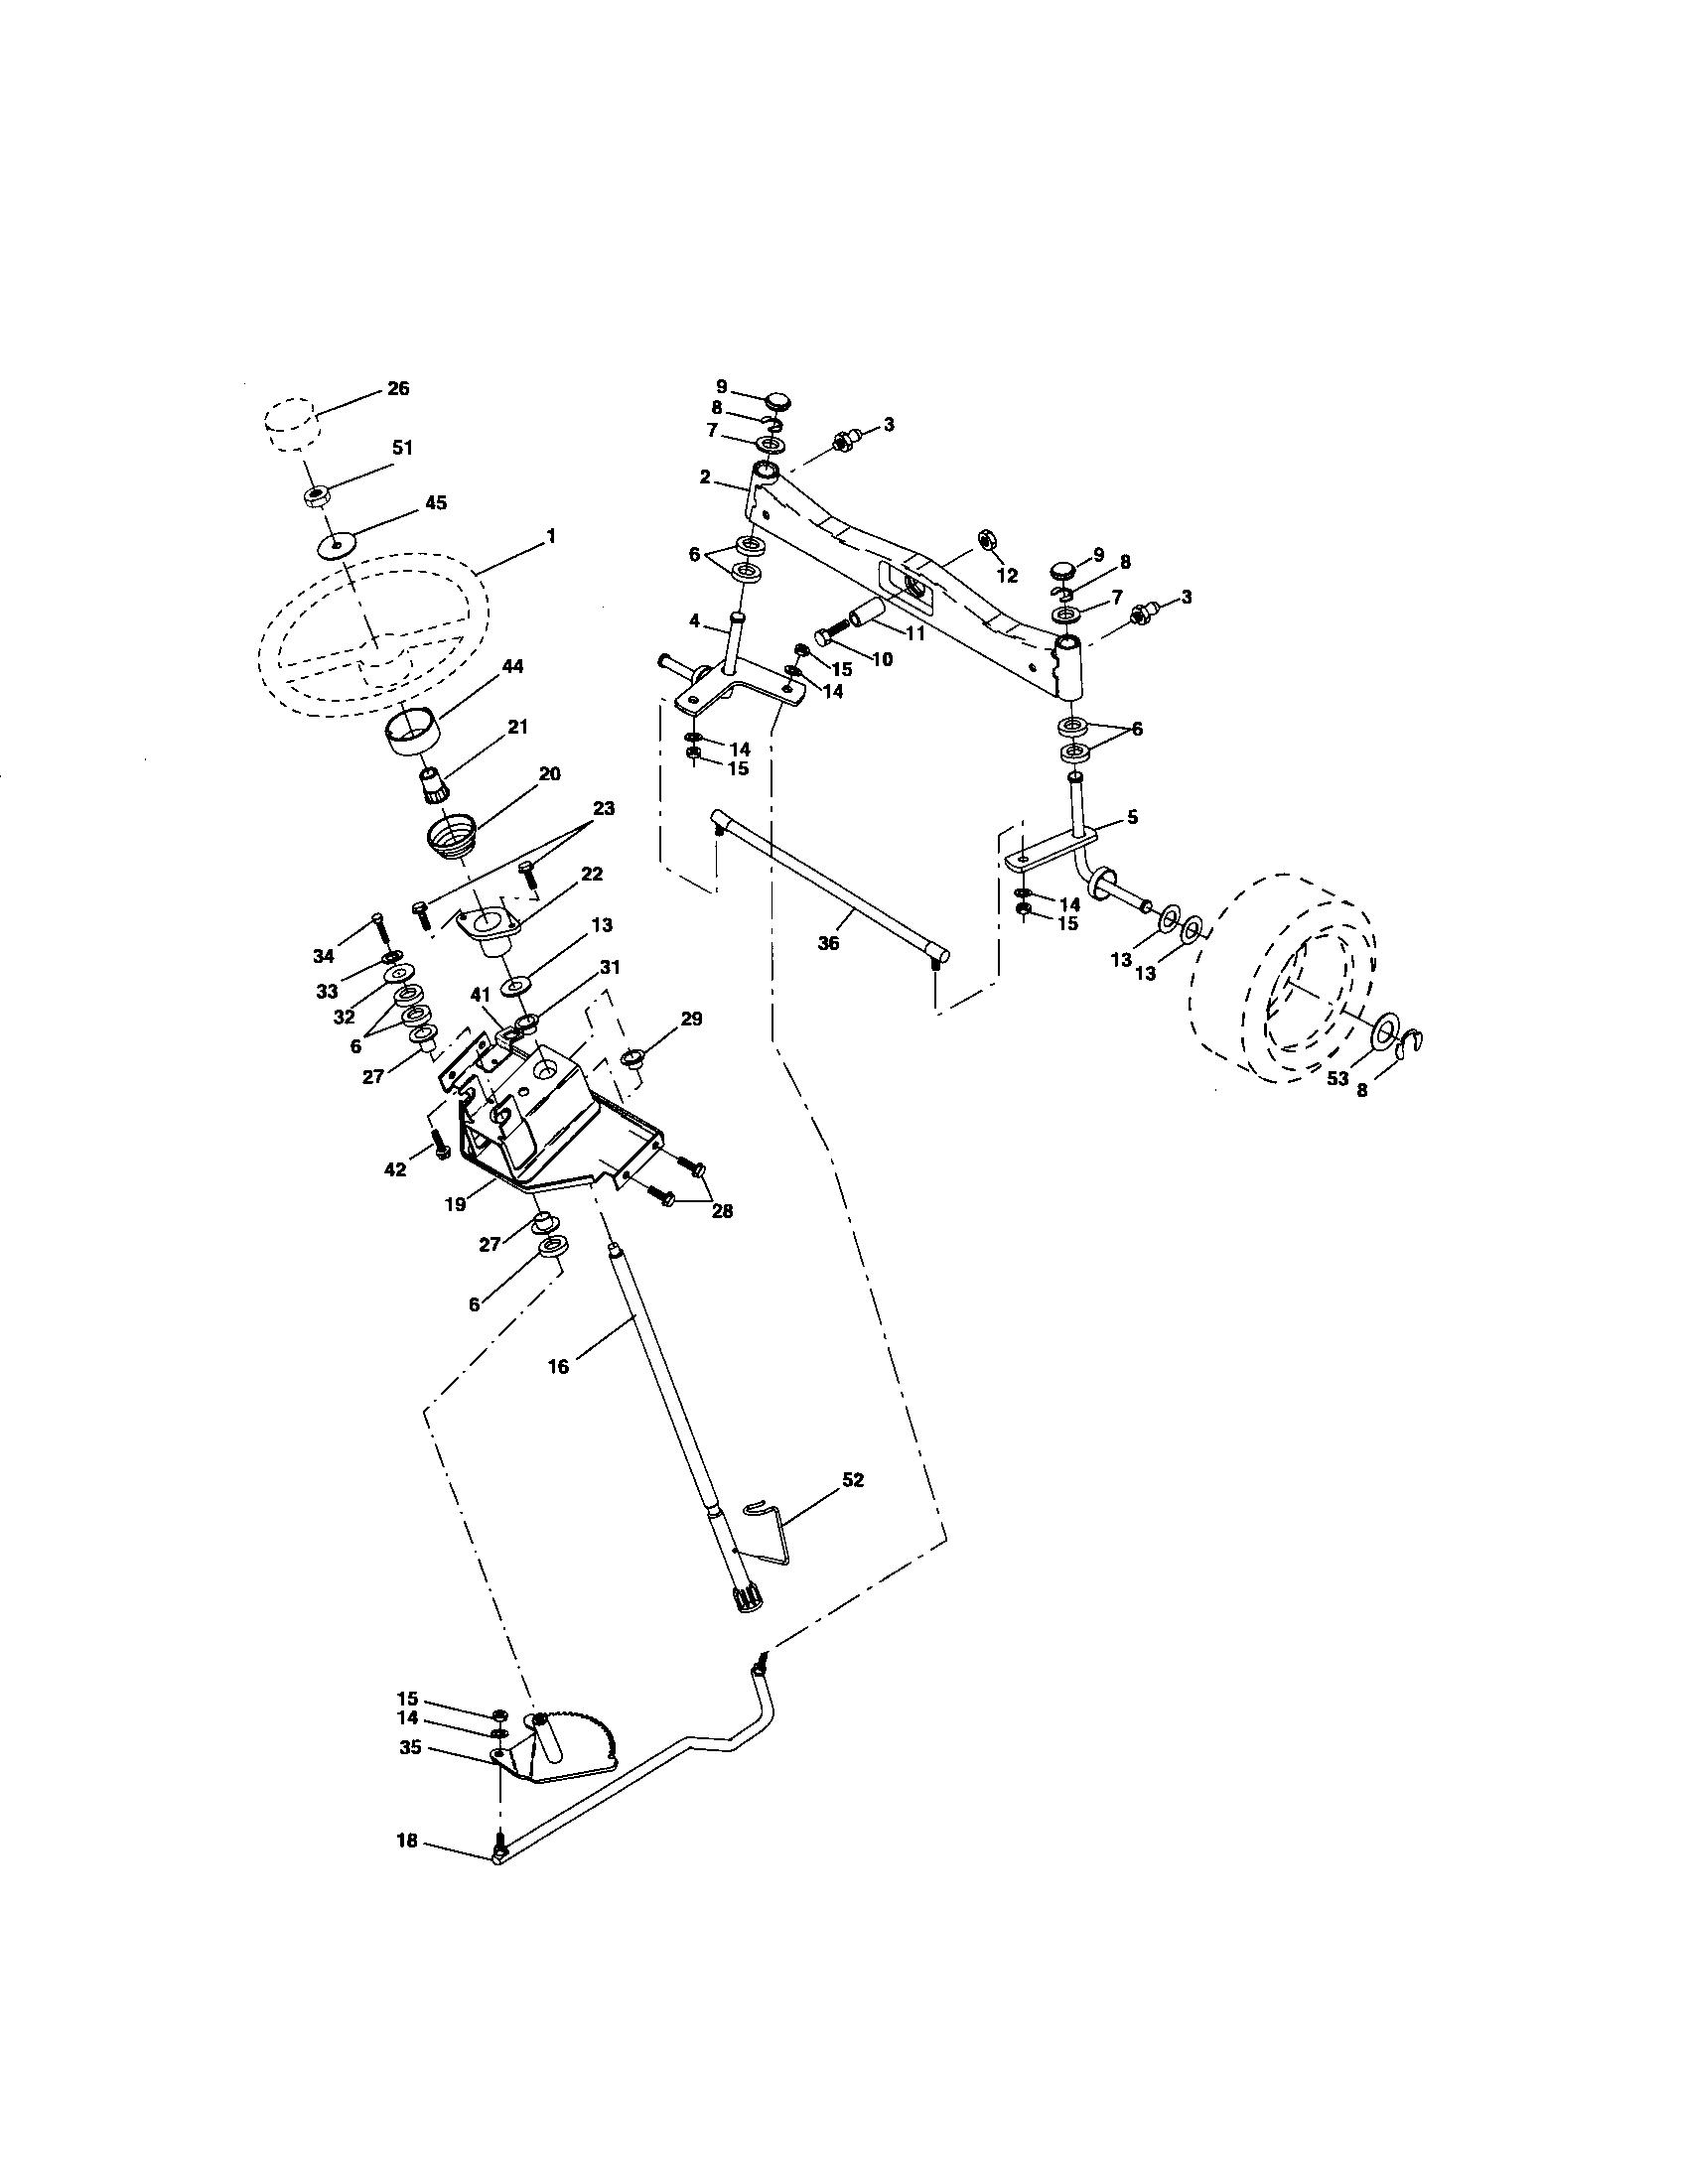 Wiring Diagram Database: Craftsman Gt5000 Belt Routing Diagram